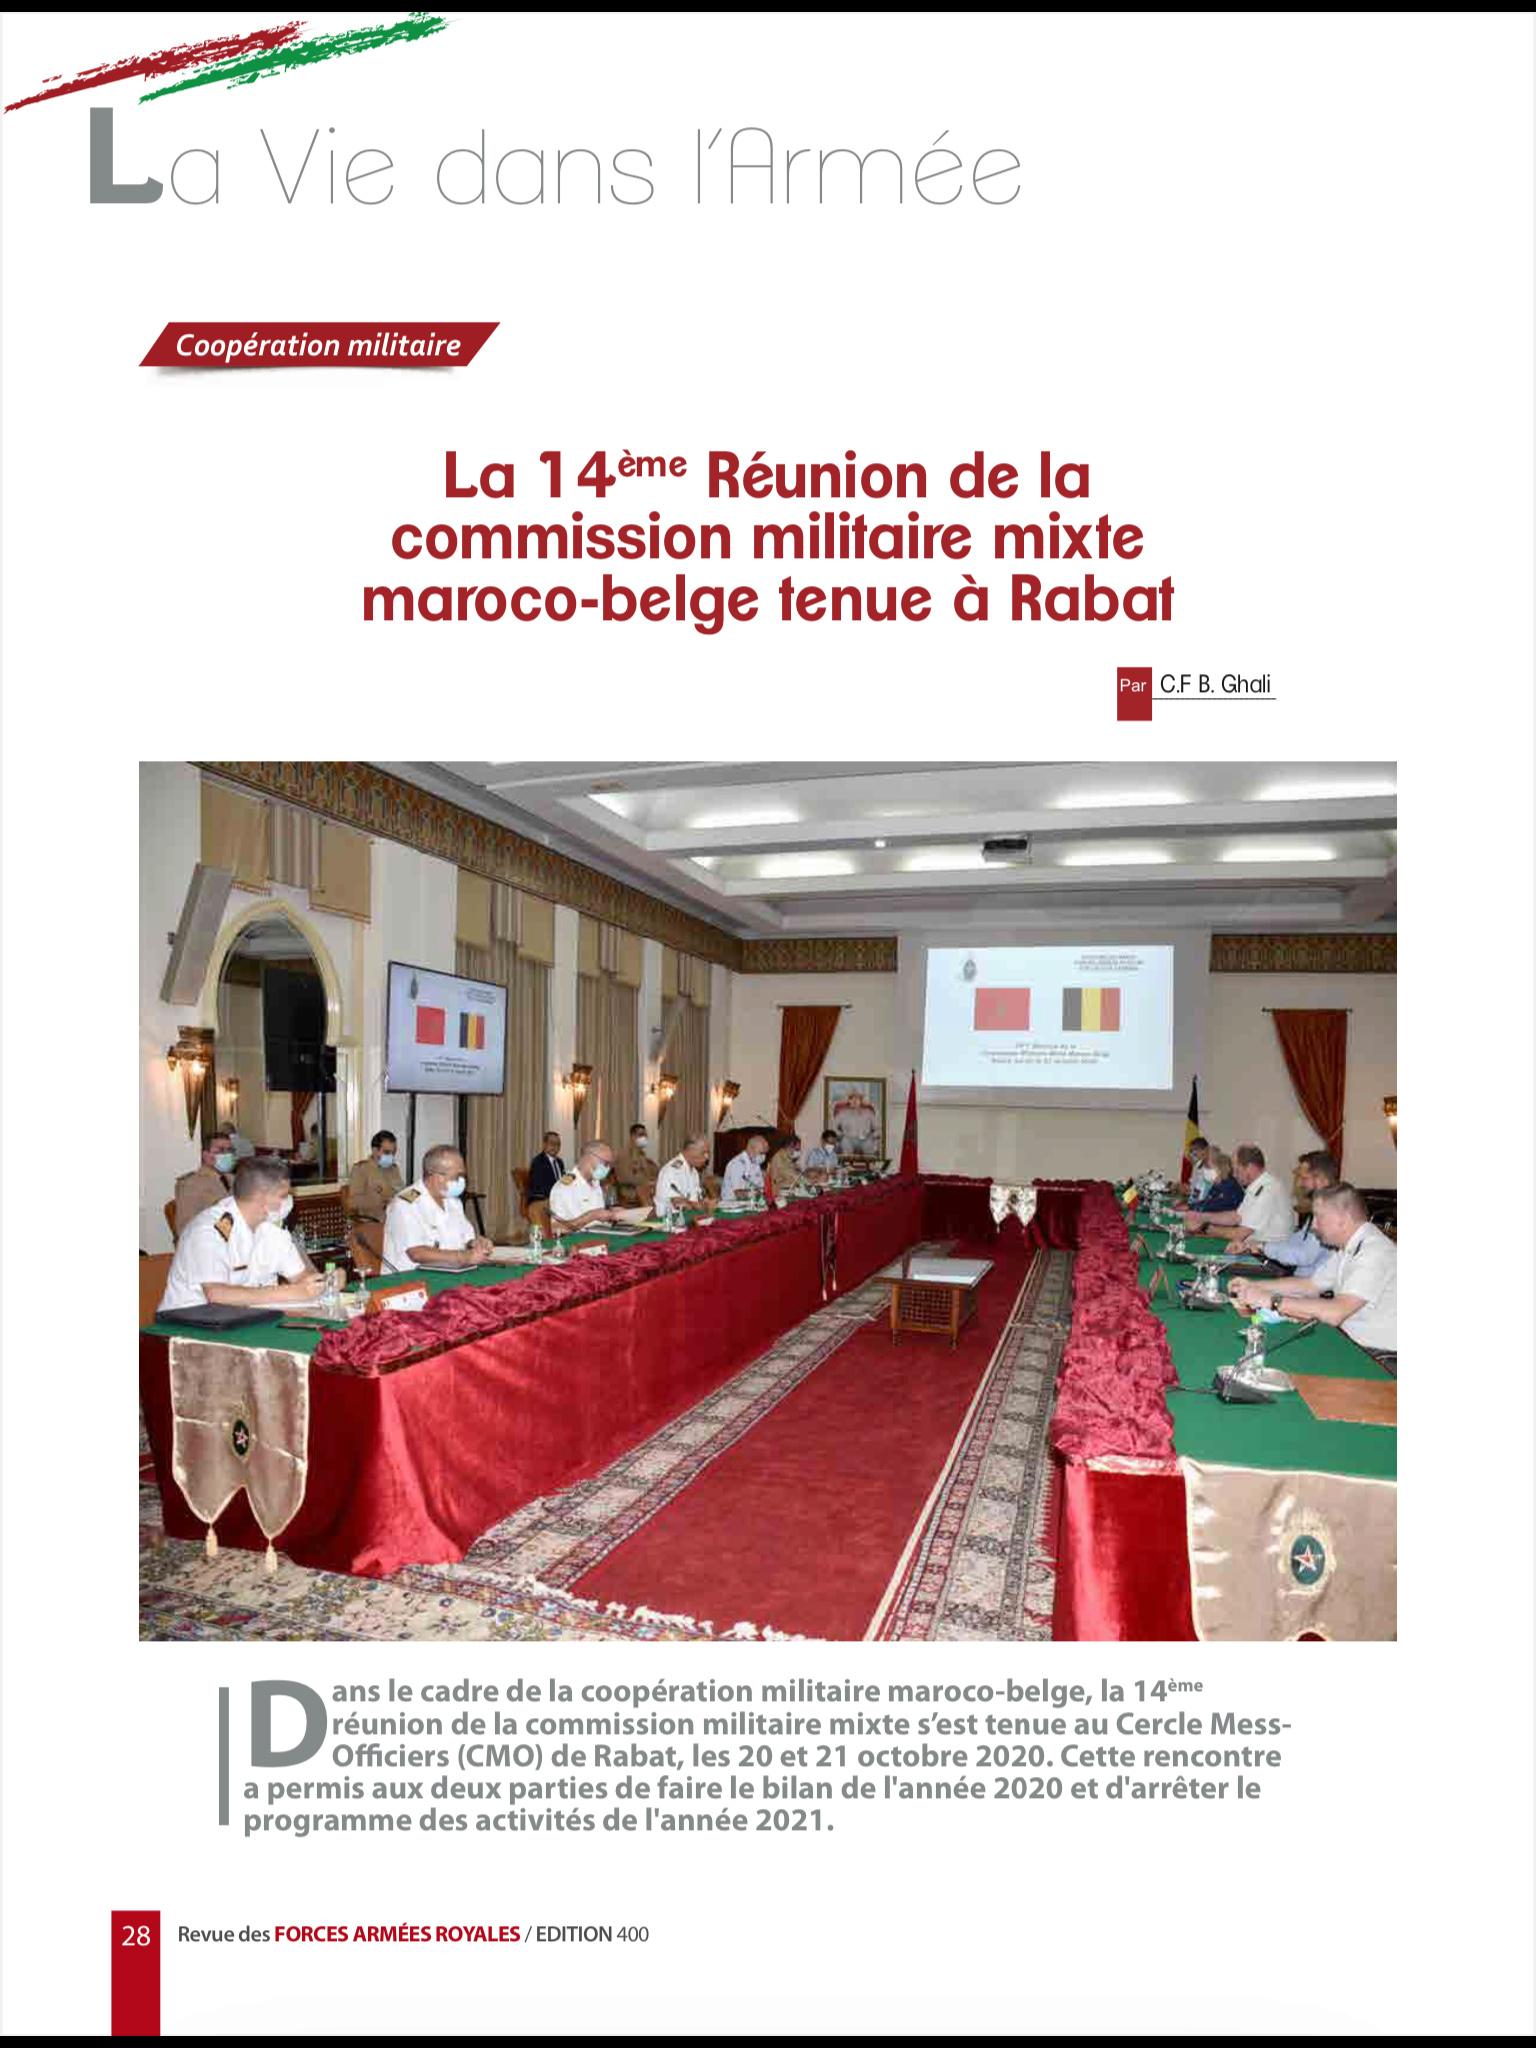 Coopération militaire Maroc-Belgique - Page 2 E242bf10